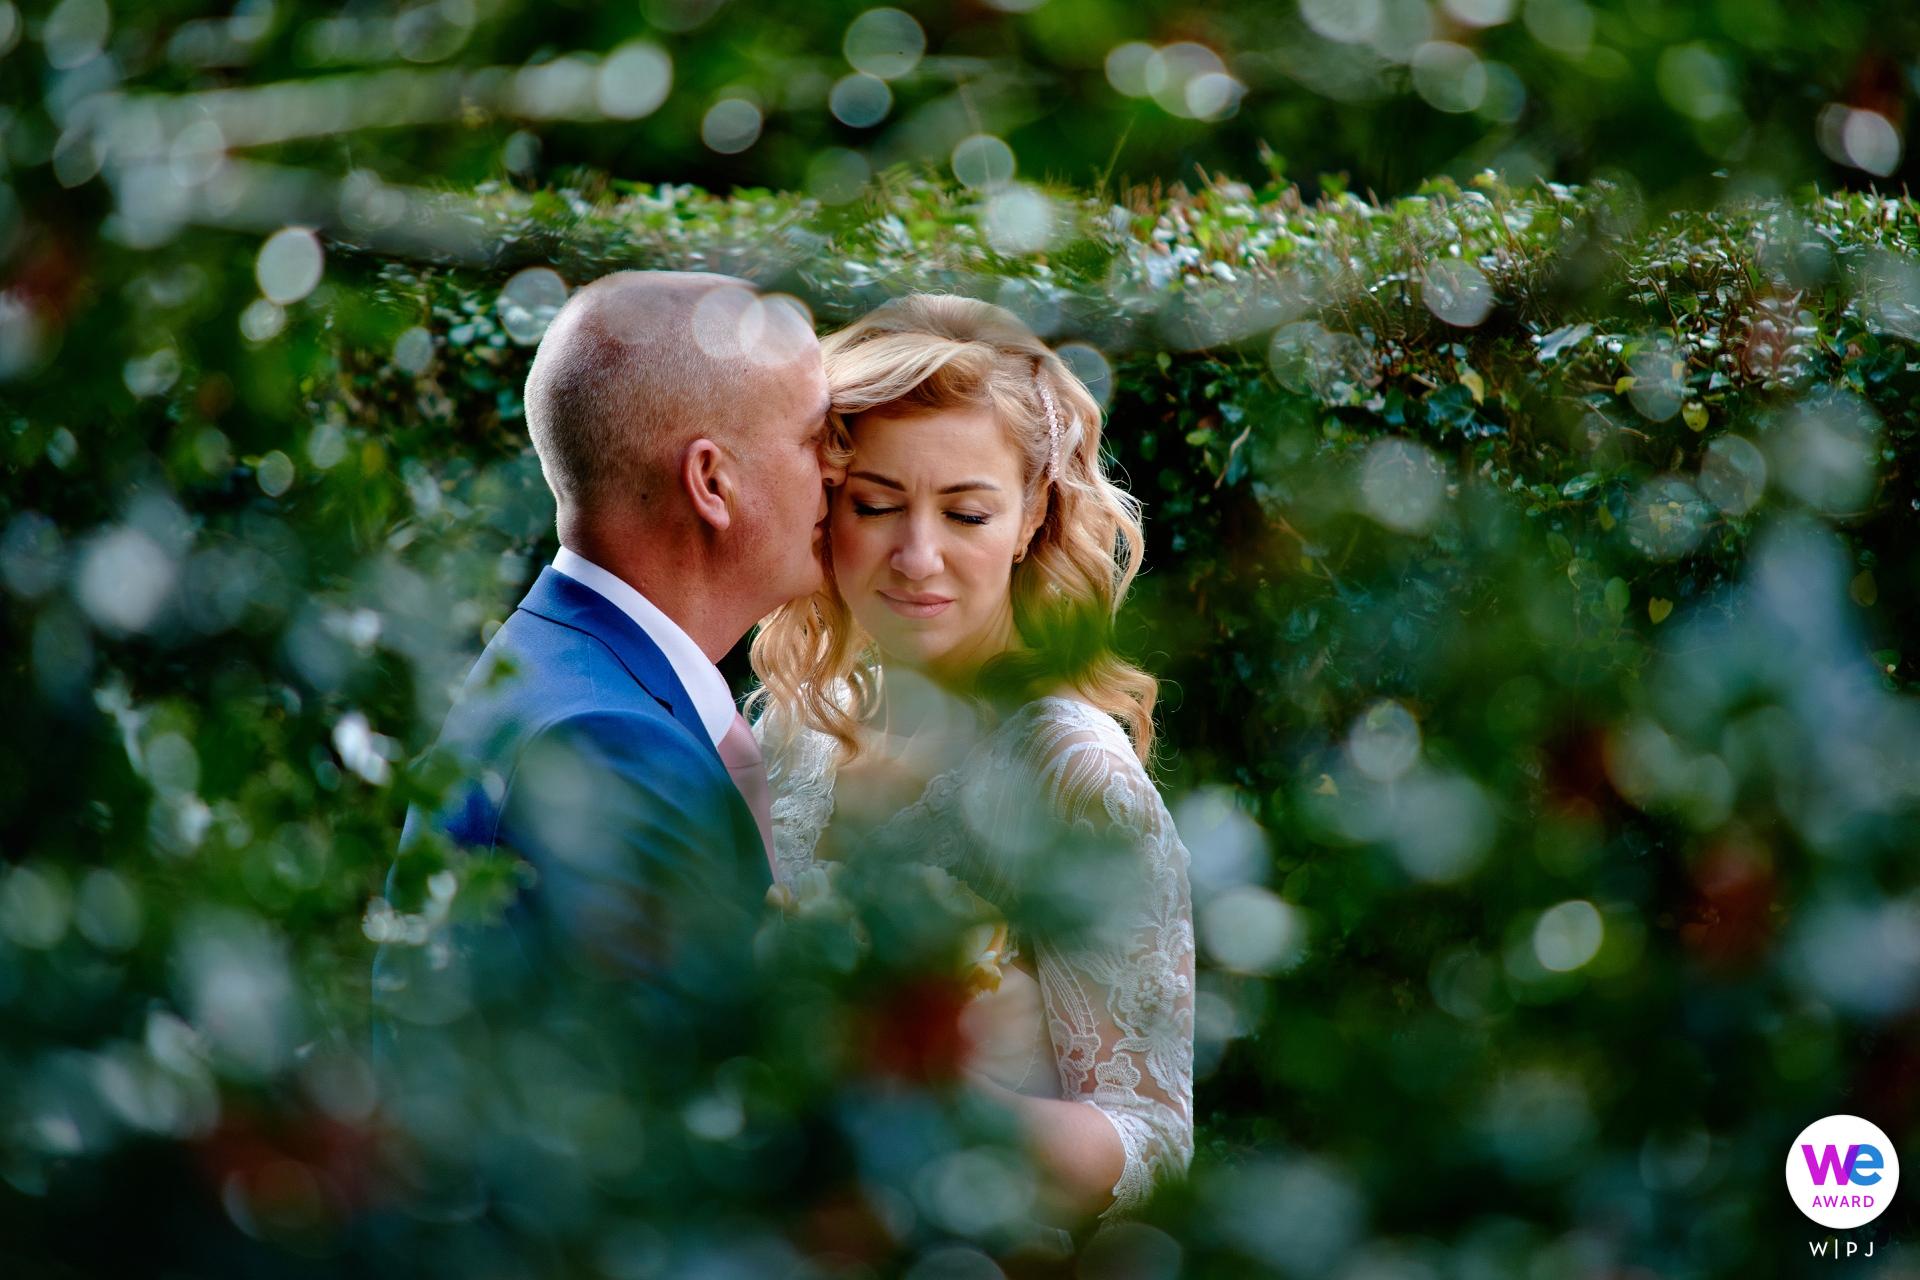 Elopement-fotografen in Salisbury | vlak voor de ceremonie, door de bladeren gehaald